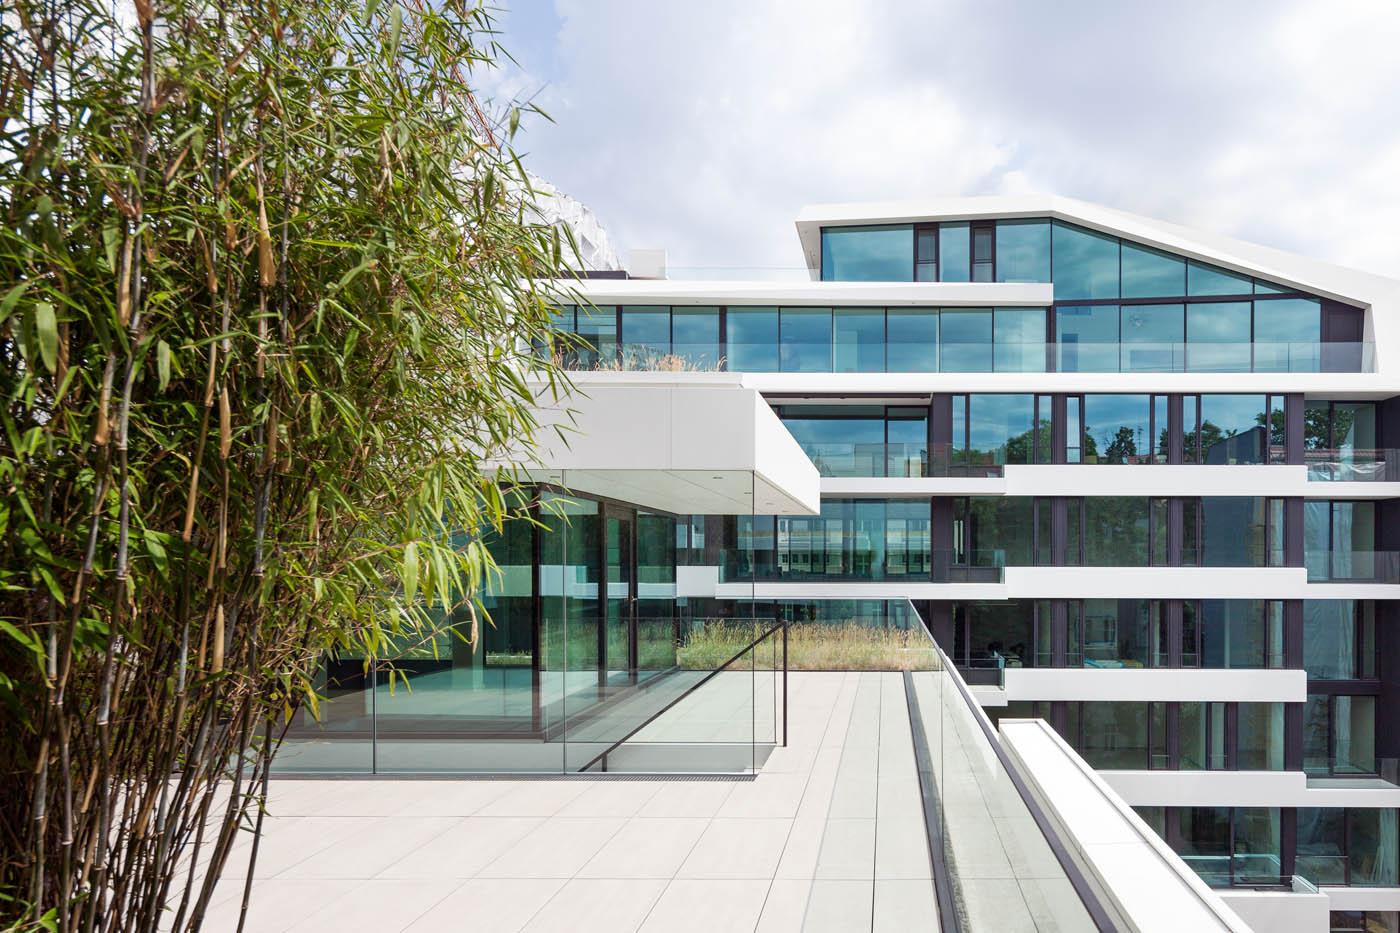 Architekturfotografie Axthelm Rolvien Architekturdokumentation Bürogebäude